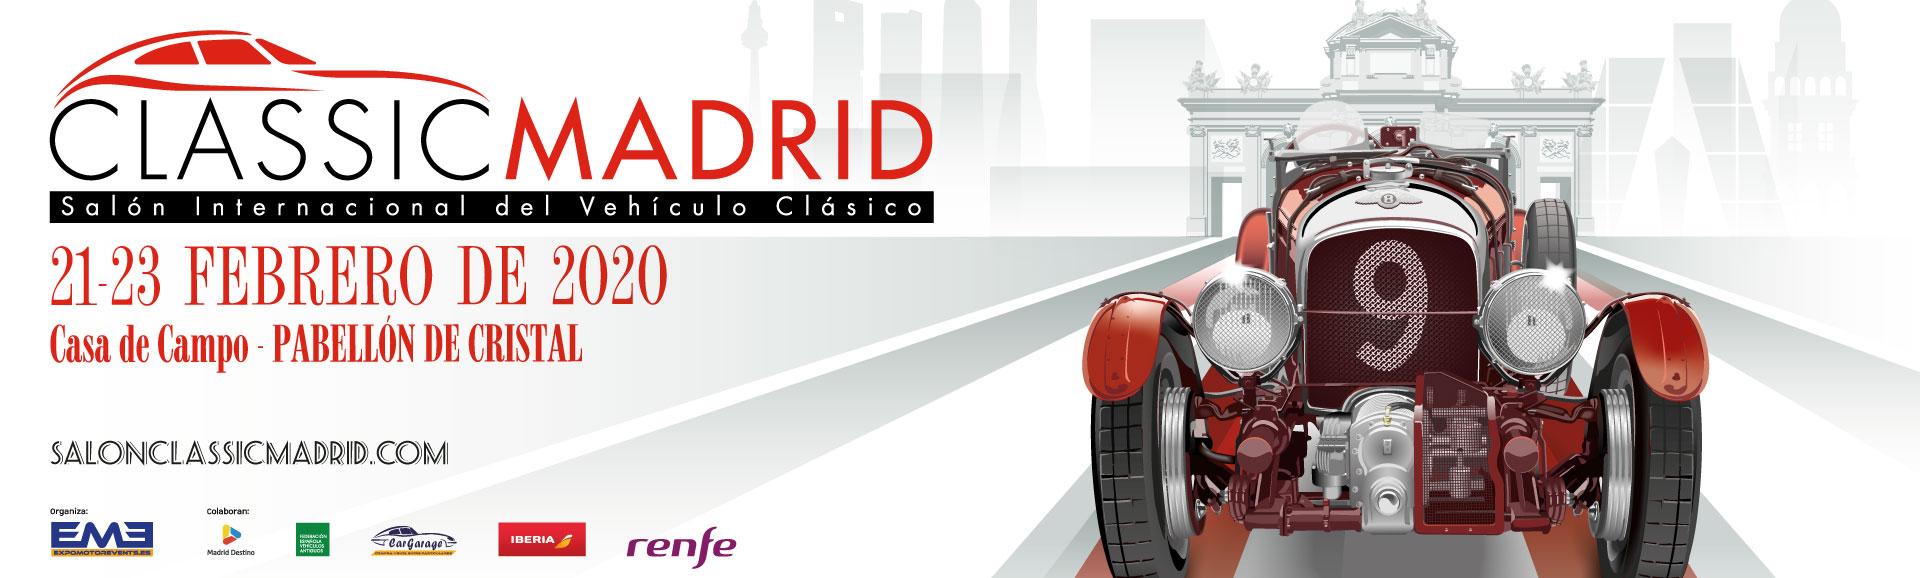 cartel classicauto, coches clasicos madrid, antiguo retromovil